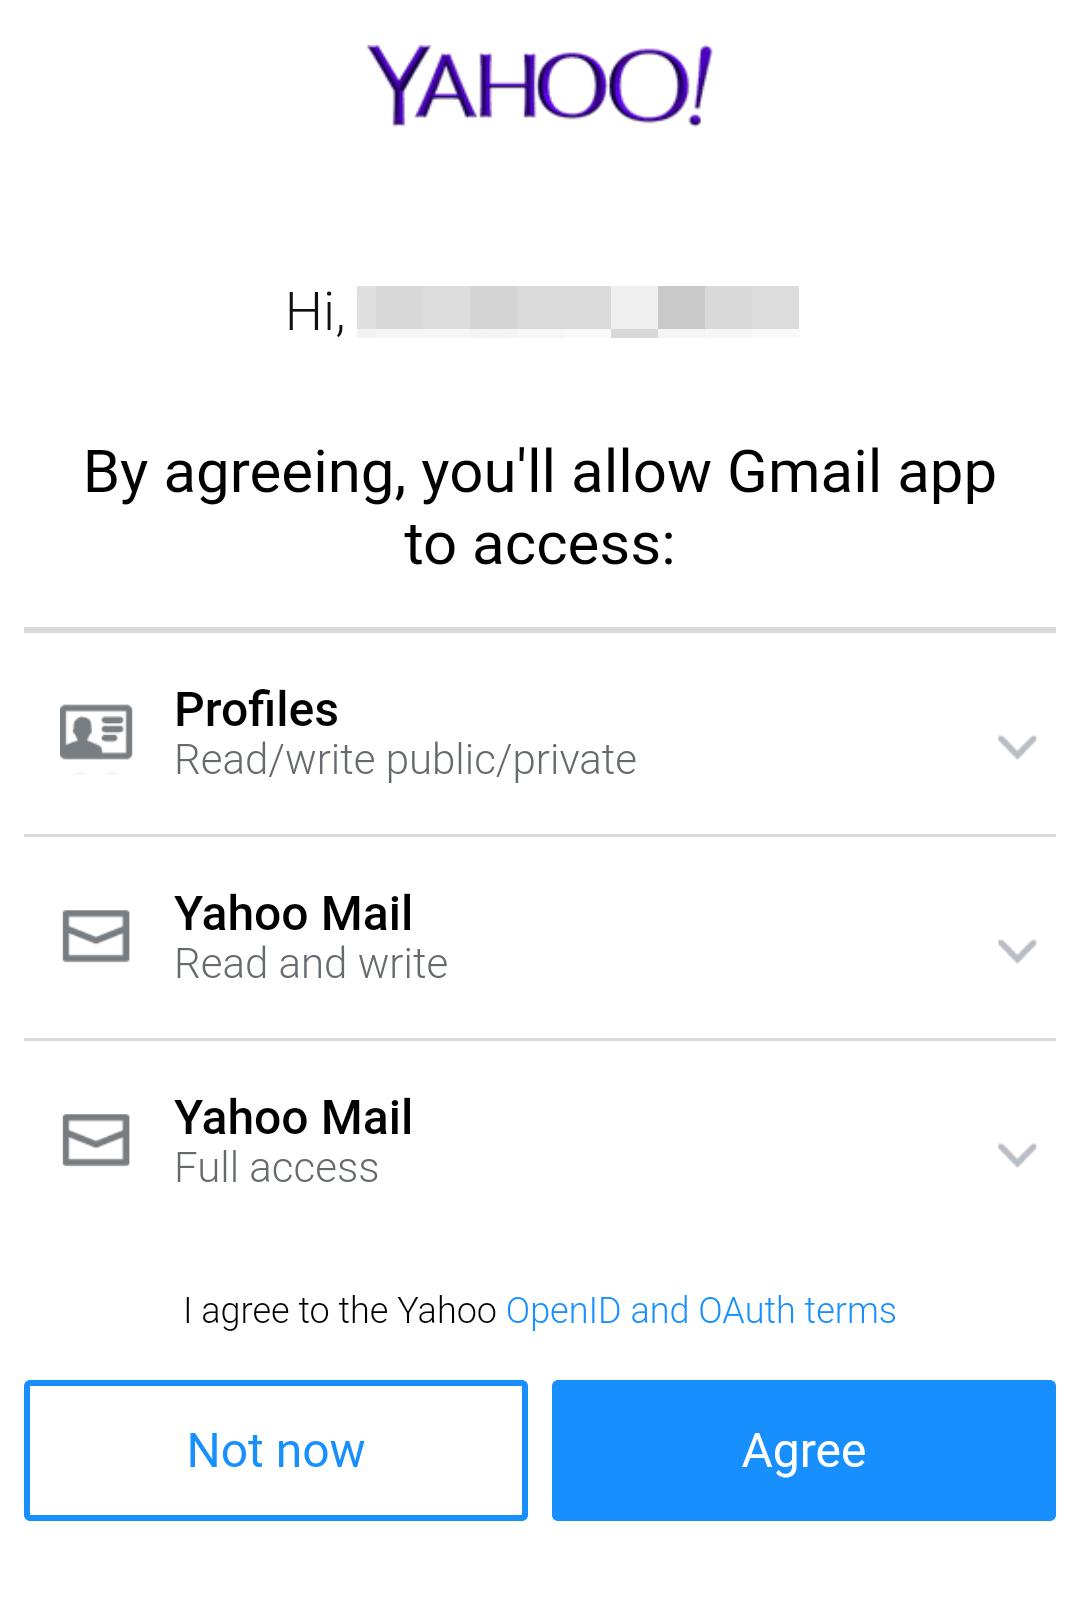 Gmailアプリの使用を認証